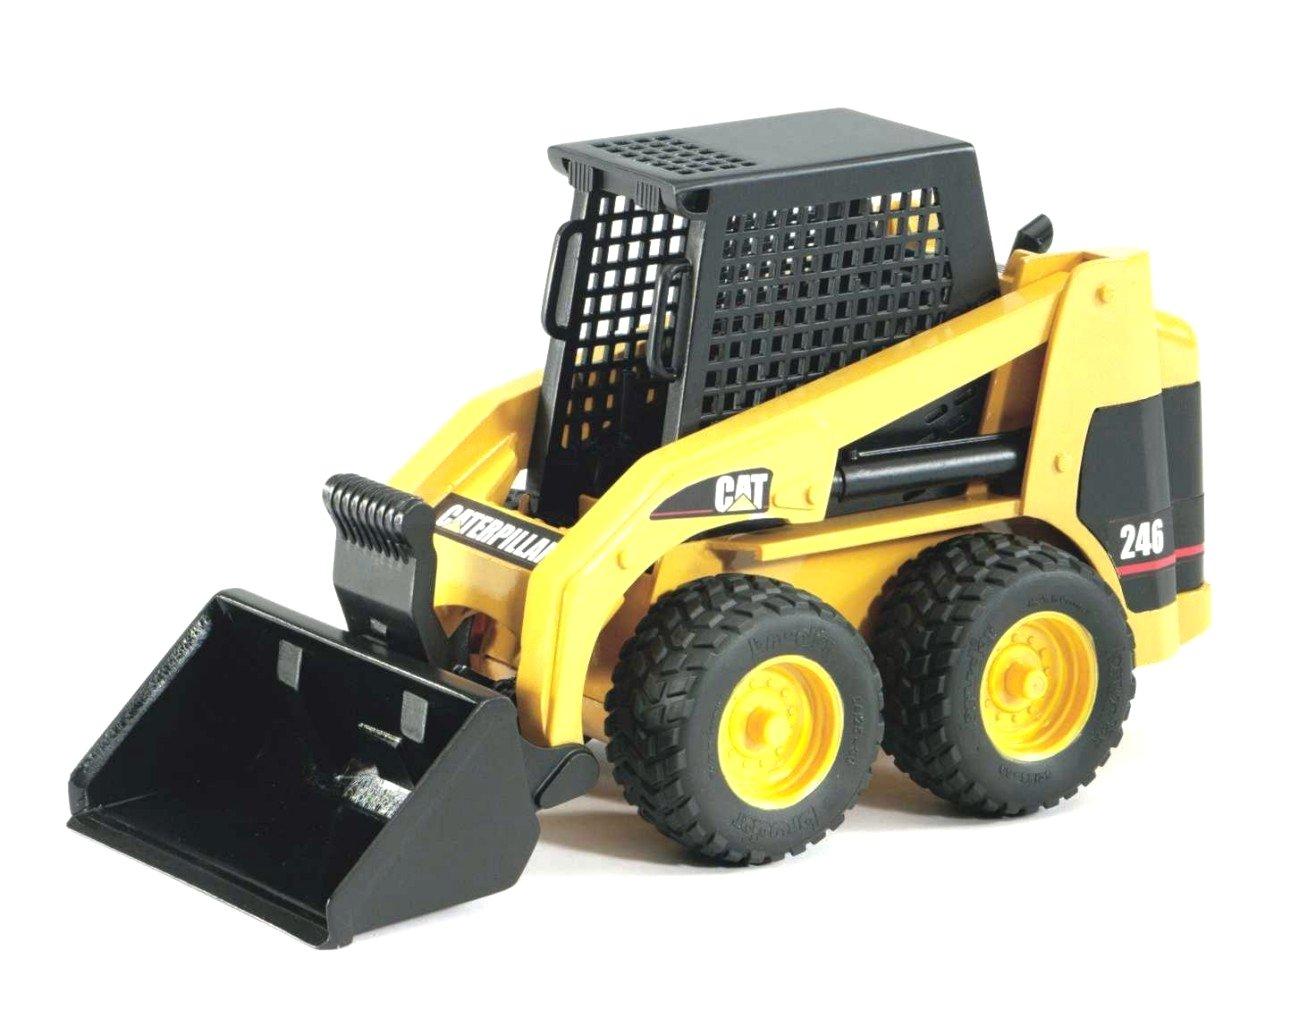 Bruder 02435 Cat Skid Steer Loader